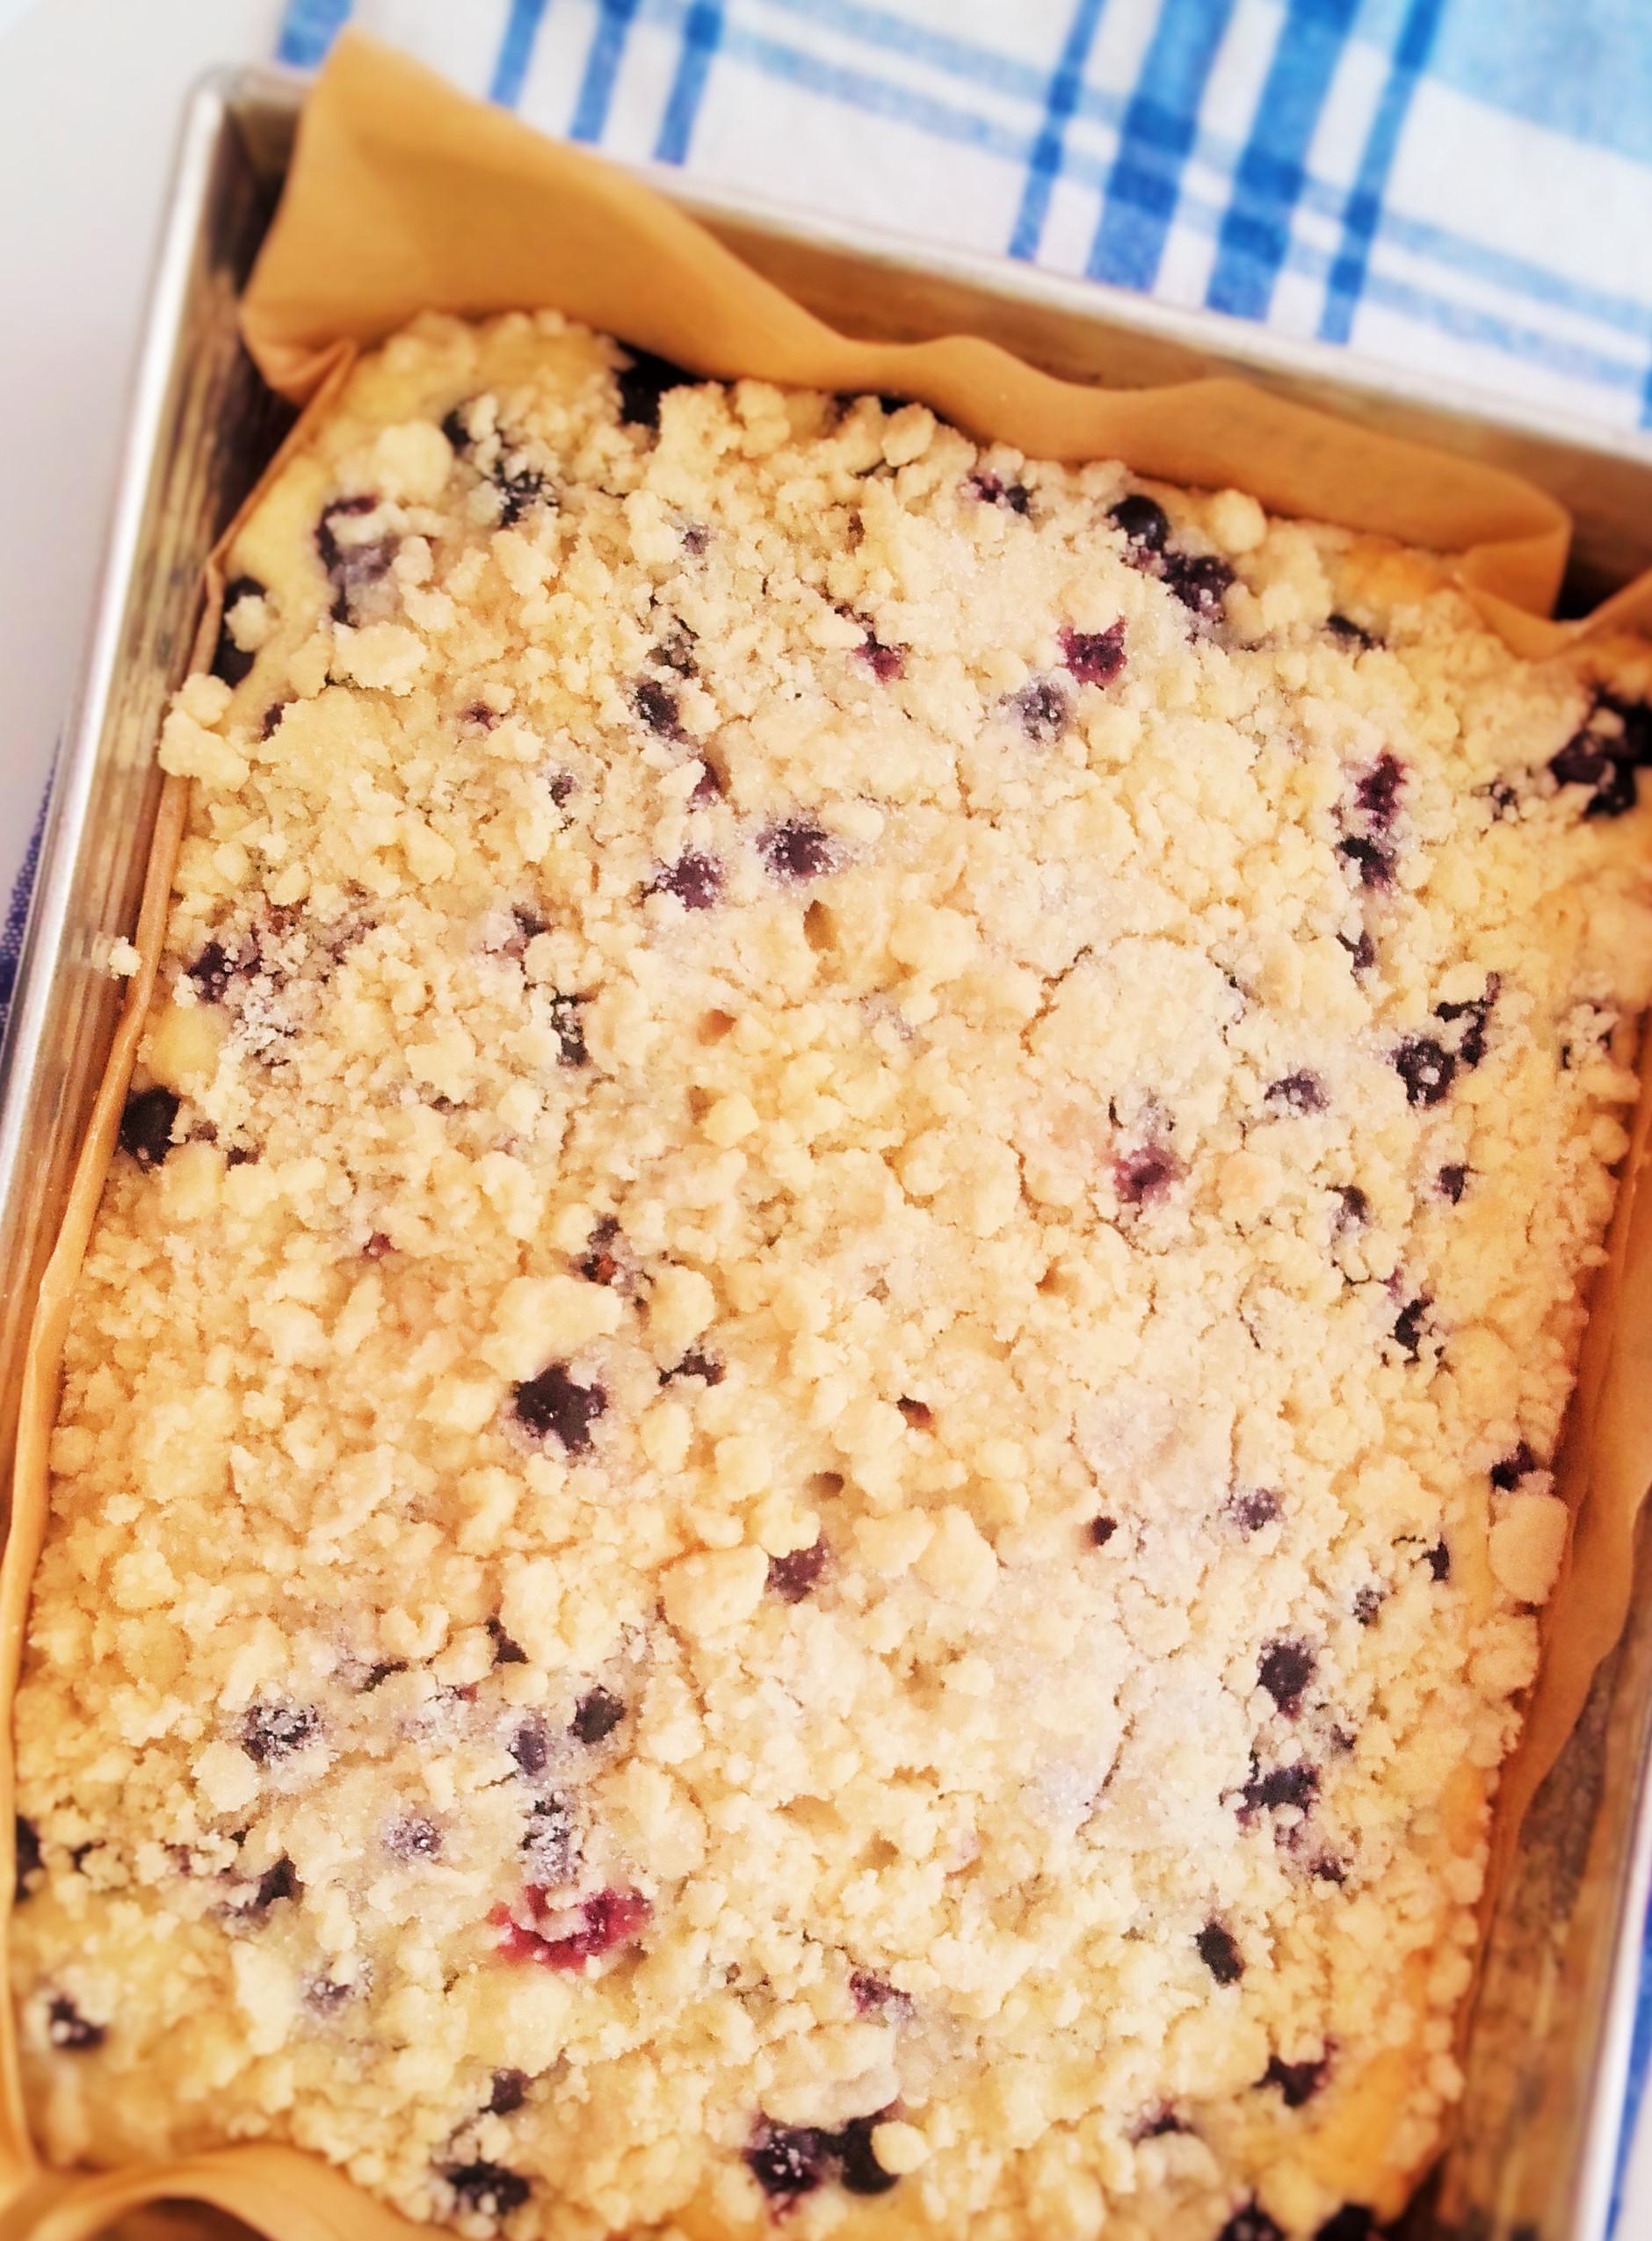 Maślankowe ciasto, kruszonka i nieprzygotowanie